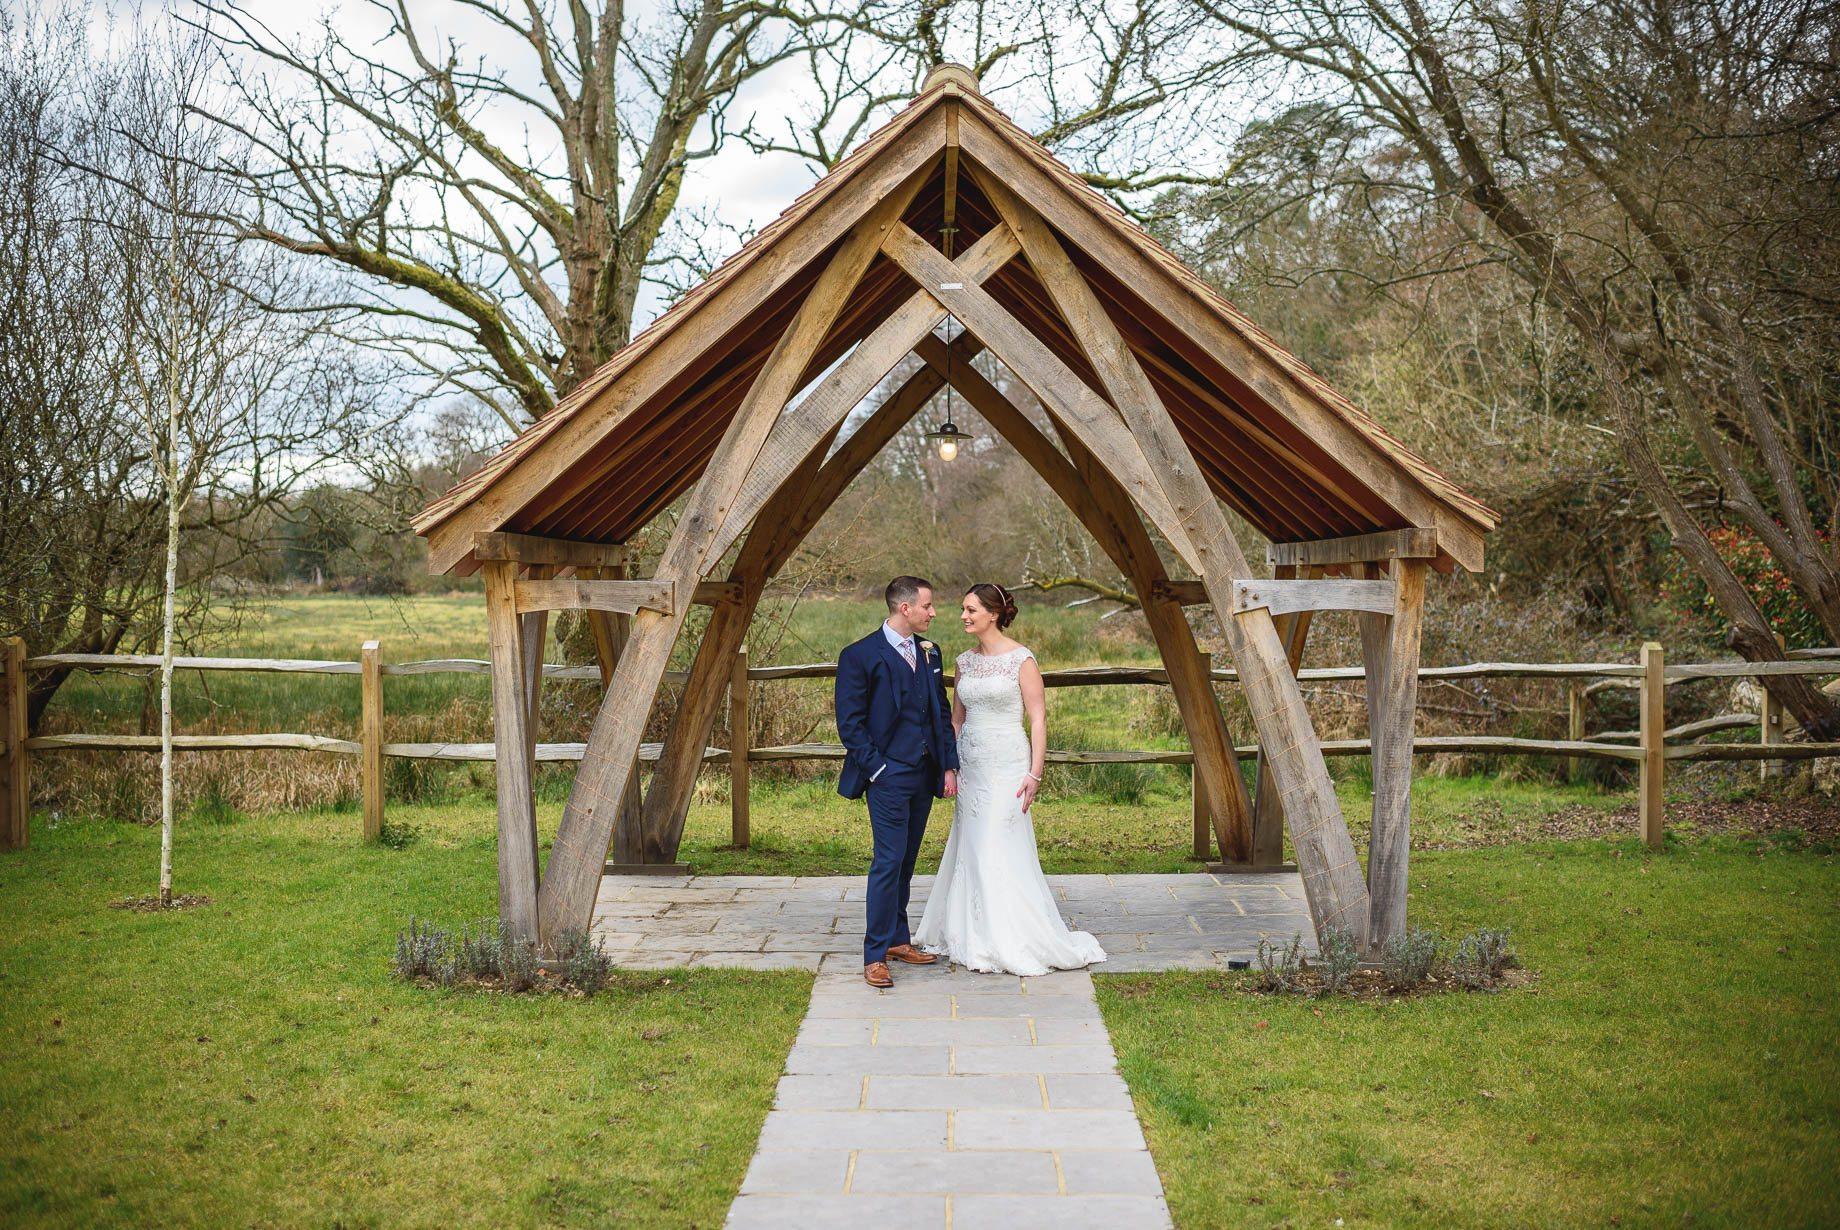 Millbridge Court Wedding Photography - Lisa and Daniel (89 of 173)